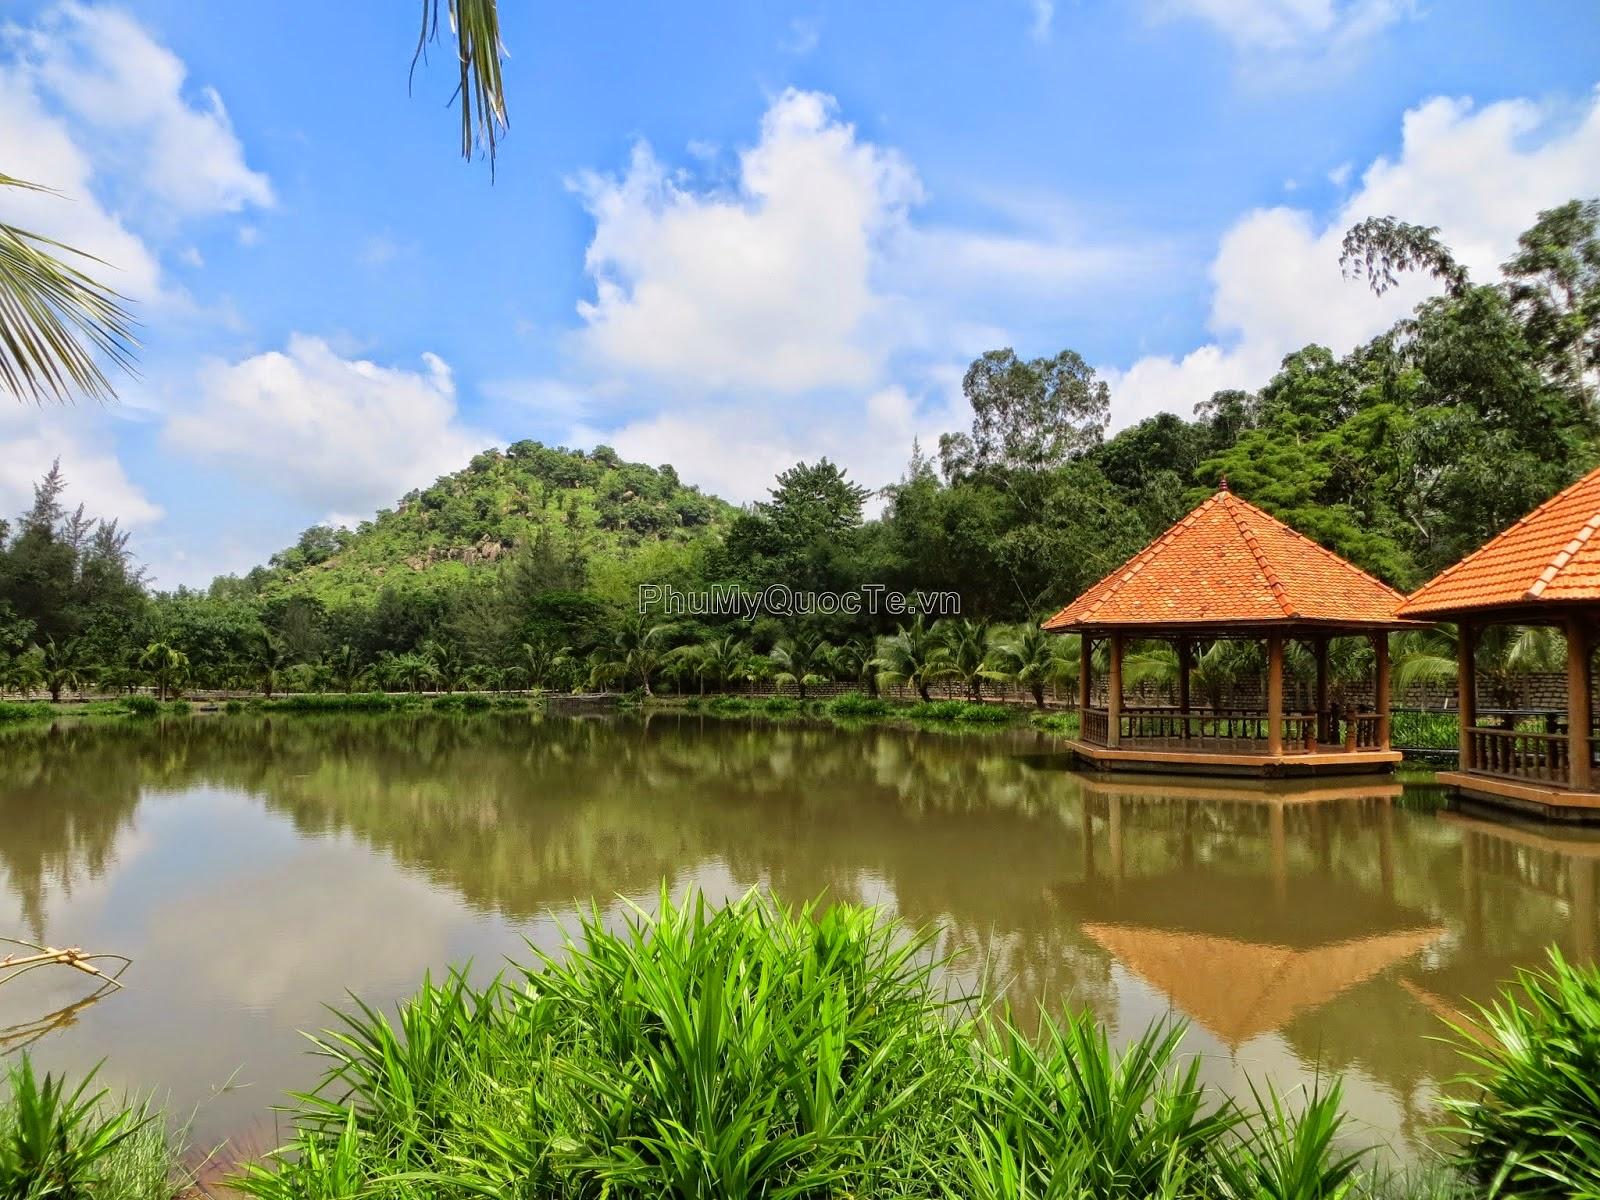 Nhà nổi được thiết kế độc đáo dọc theo hồ nước